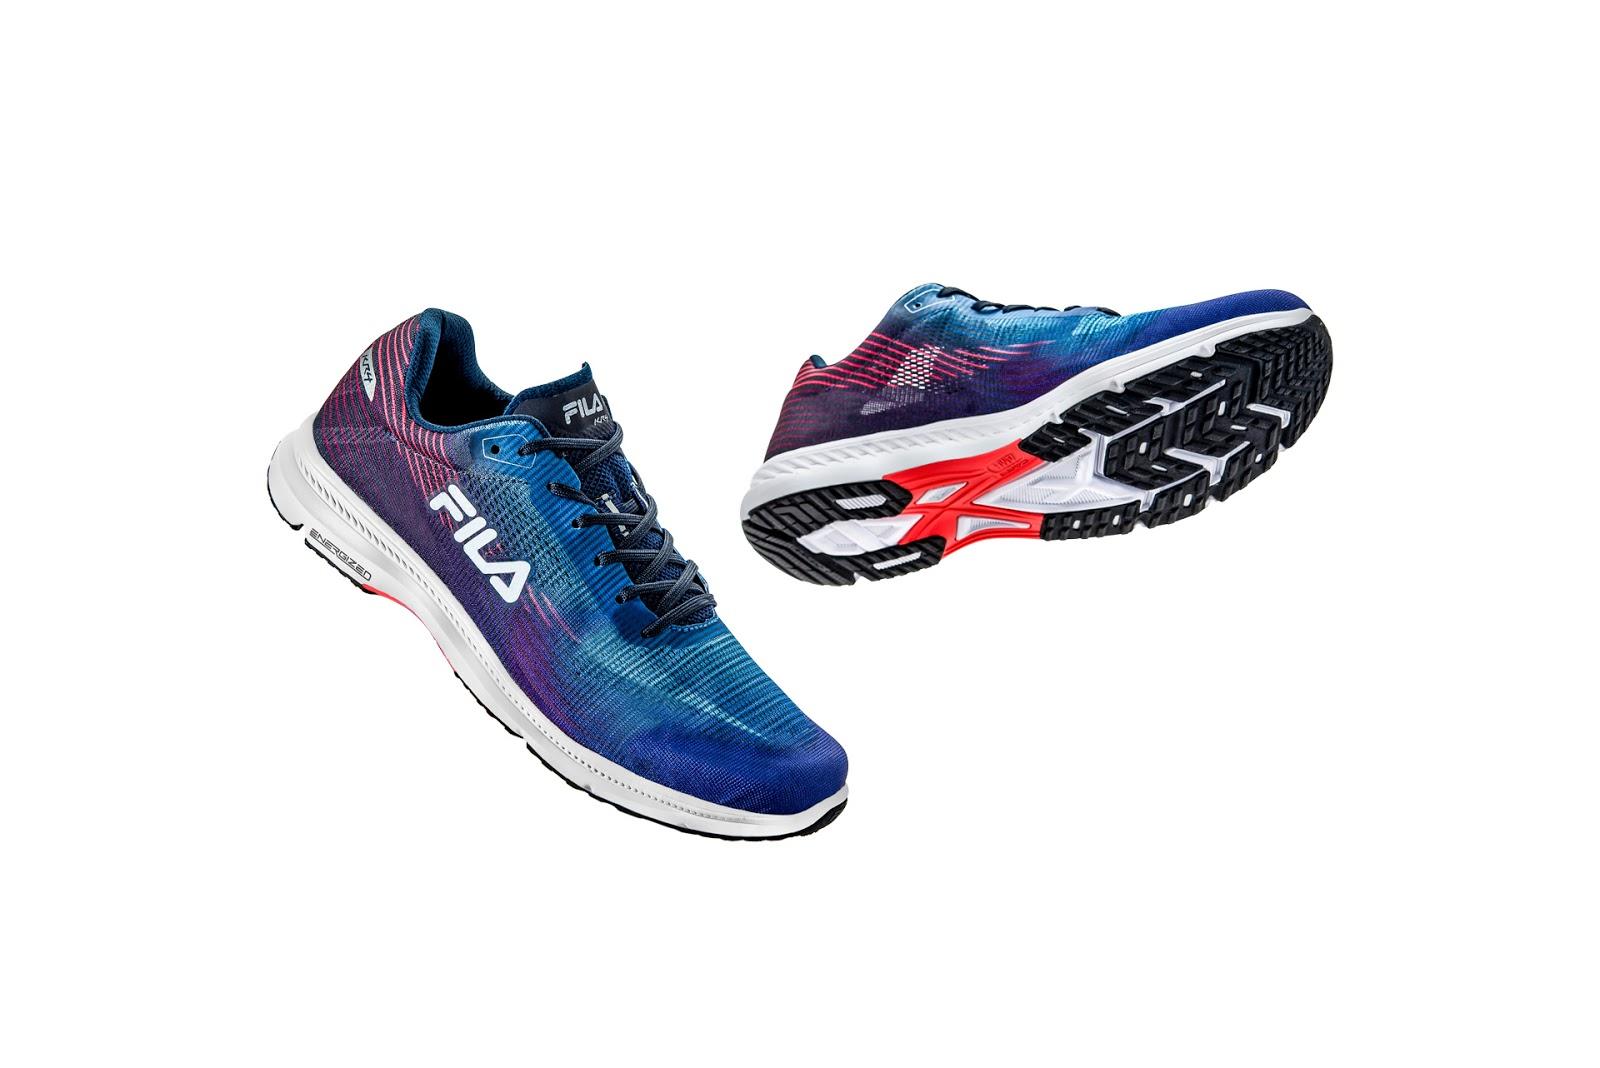 29ae6b8d La marca de indumentaria, calzado deportivo y urbano FILA, perteneciente al  Grupo Dass, presentó el nuevo modelo de calzado Kenya Racer 4, ...